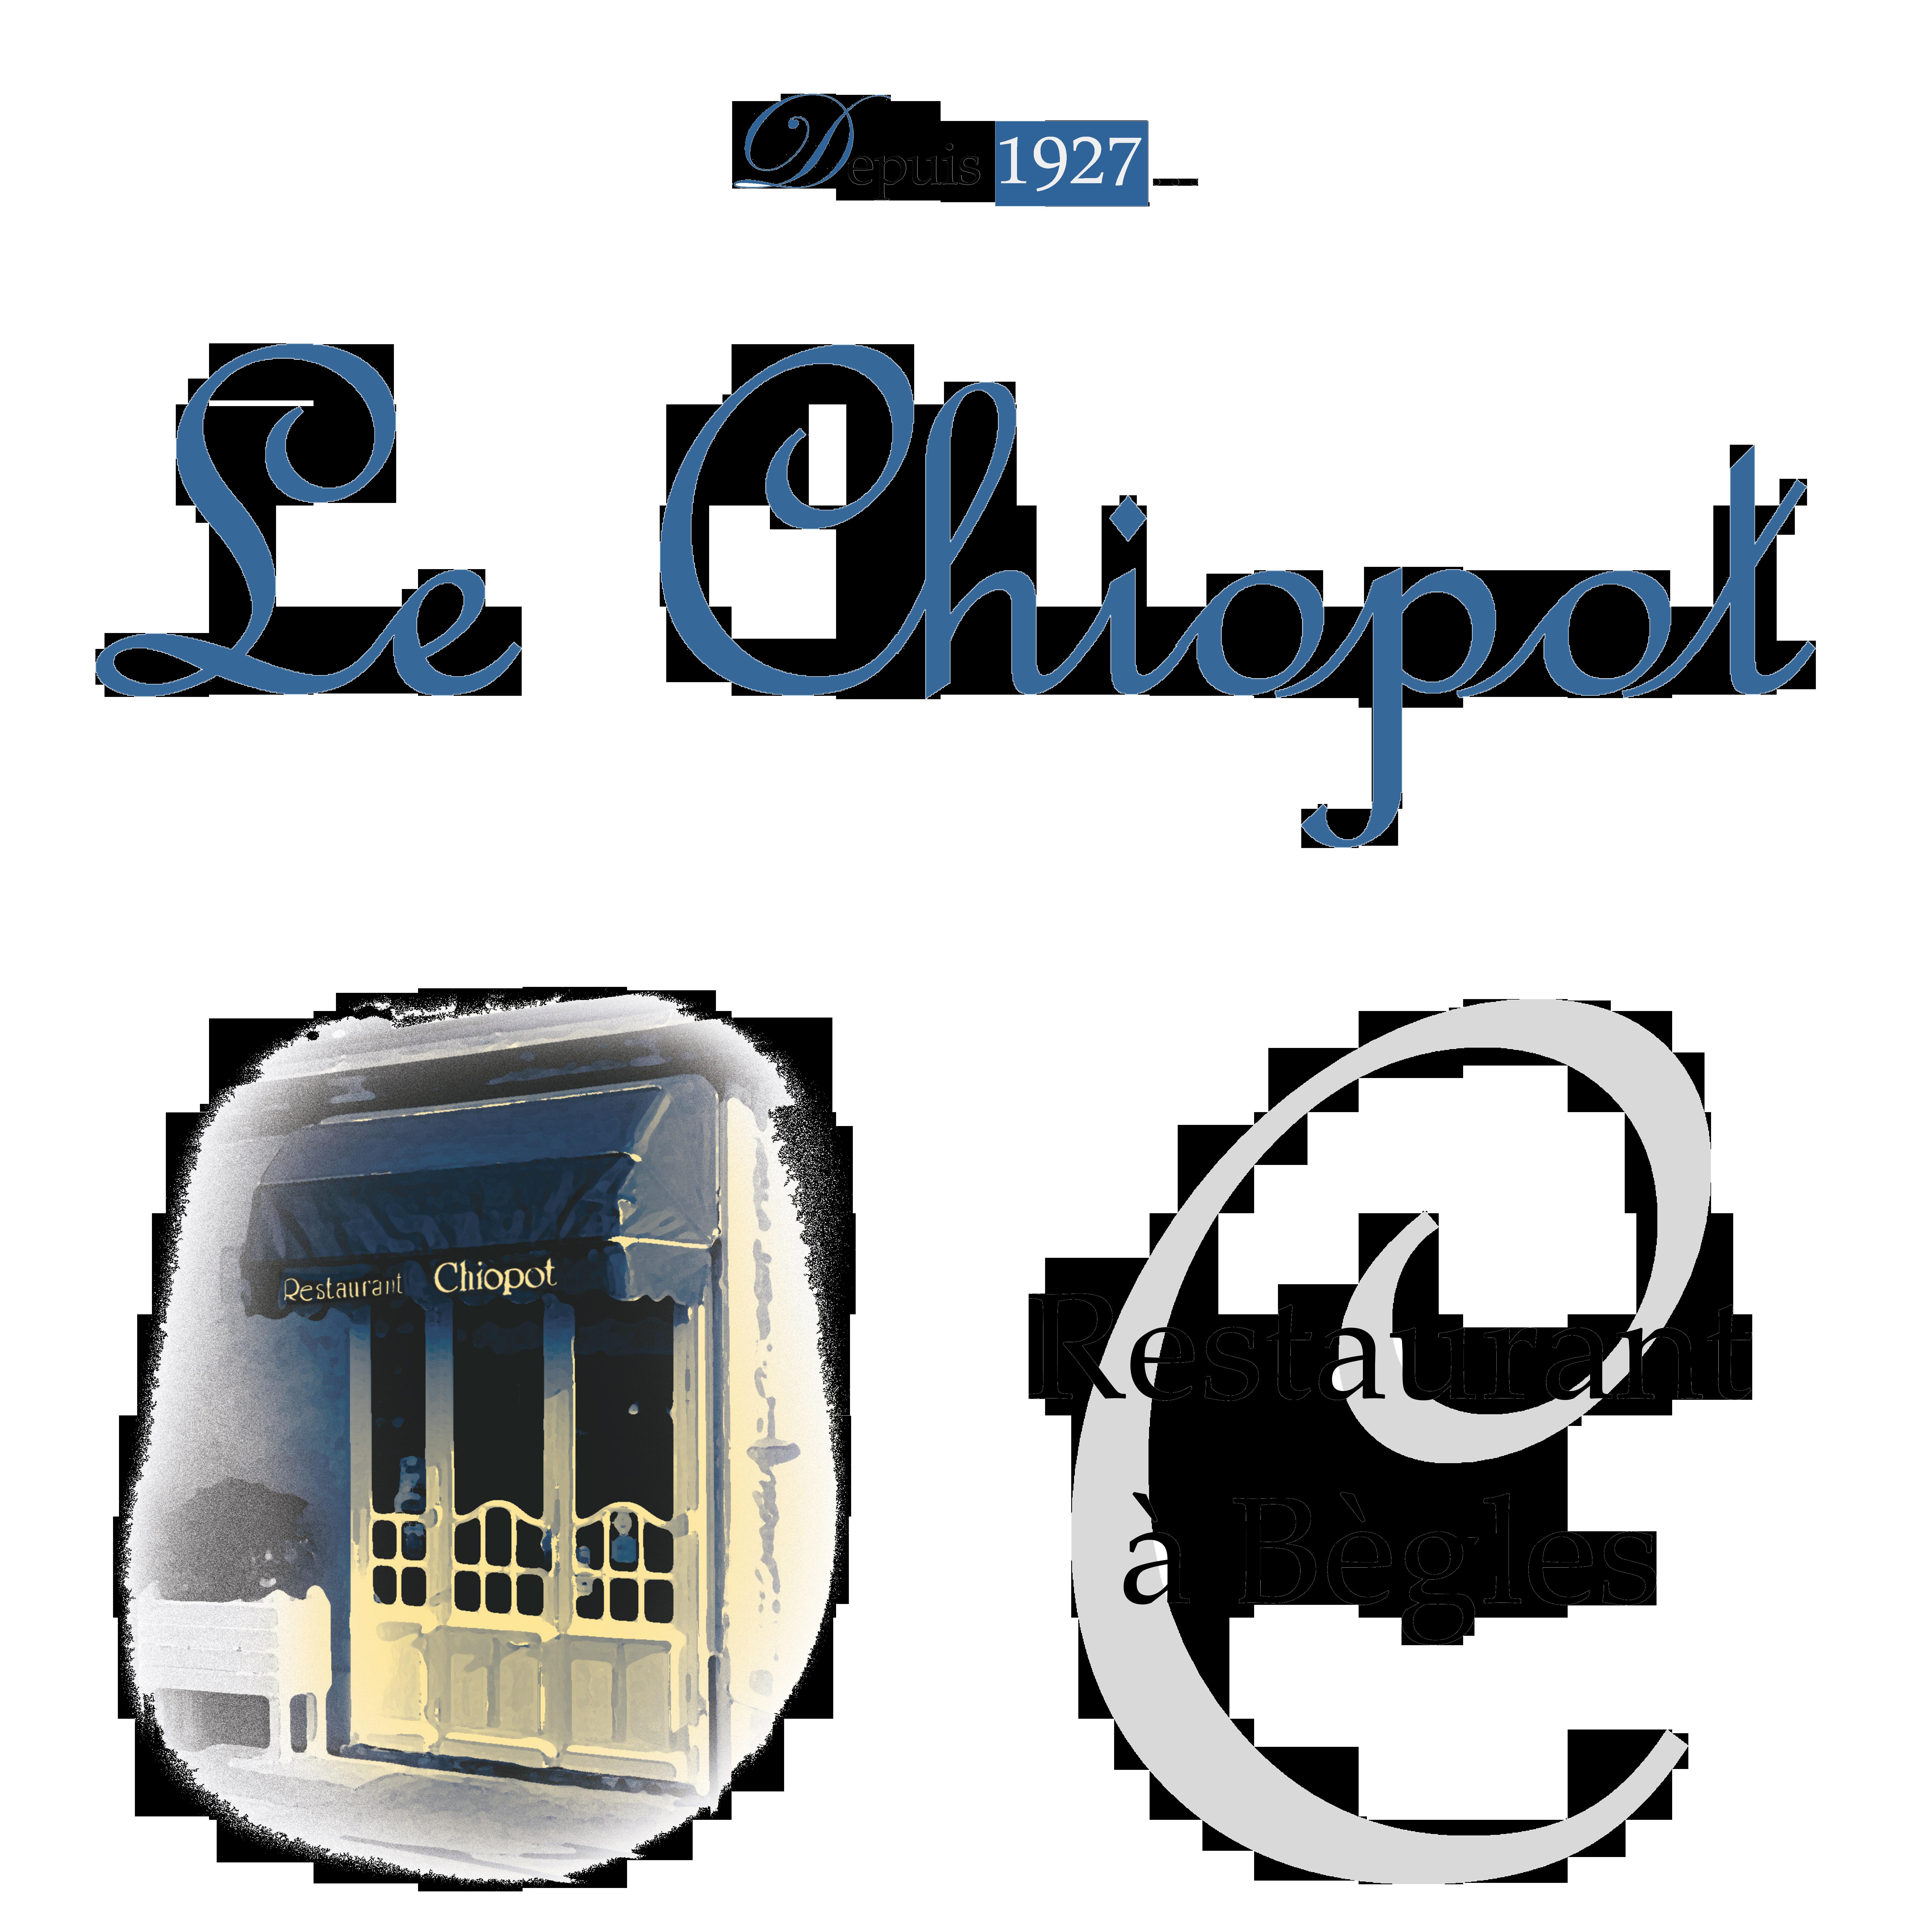 Chiopot